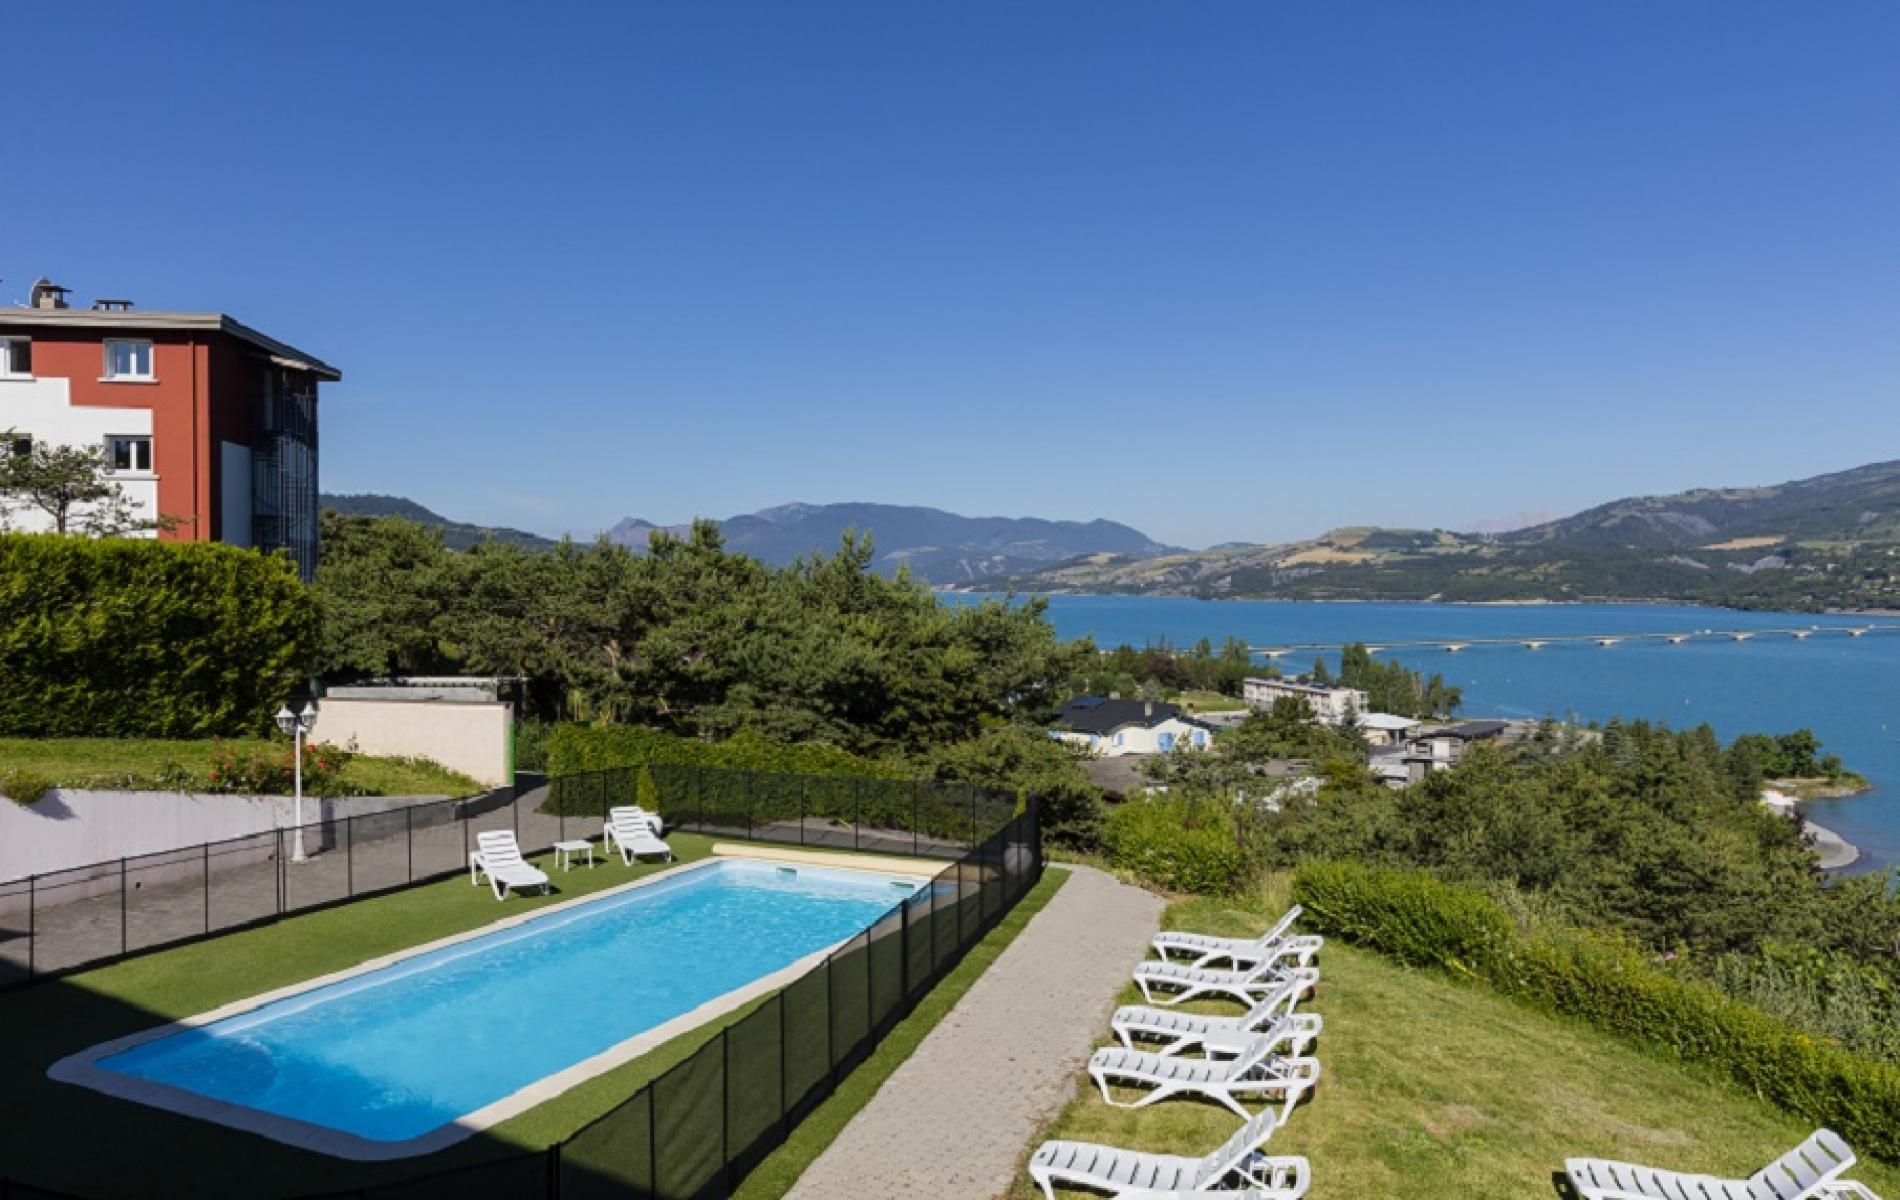 Hotel avec piscine sur le lac de serre pon on for Hotel hautes alpes avec piscine